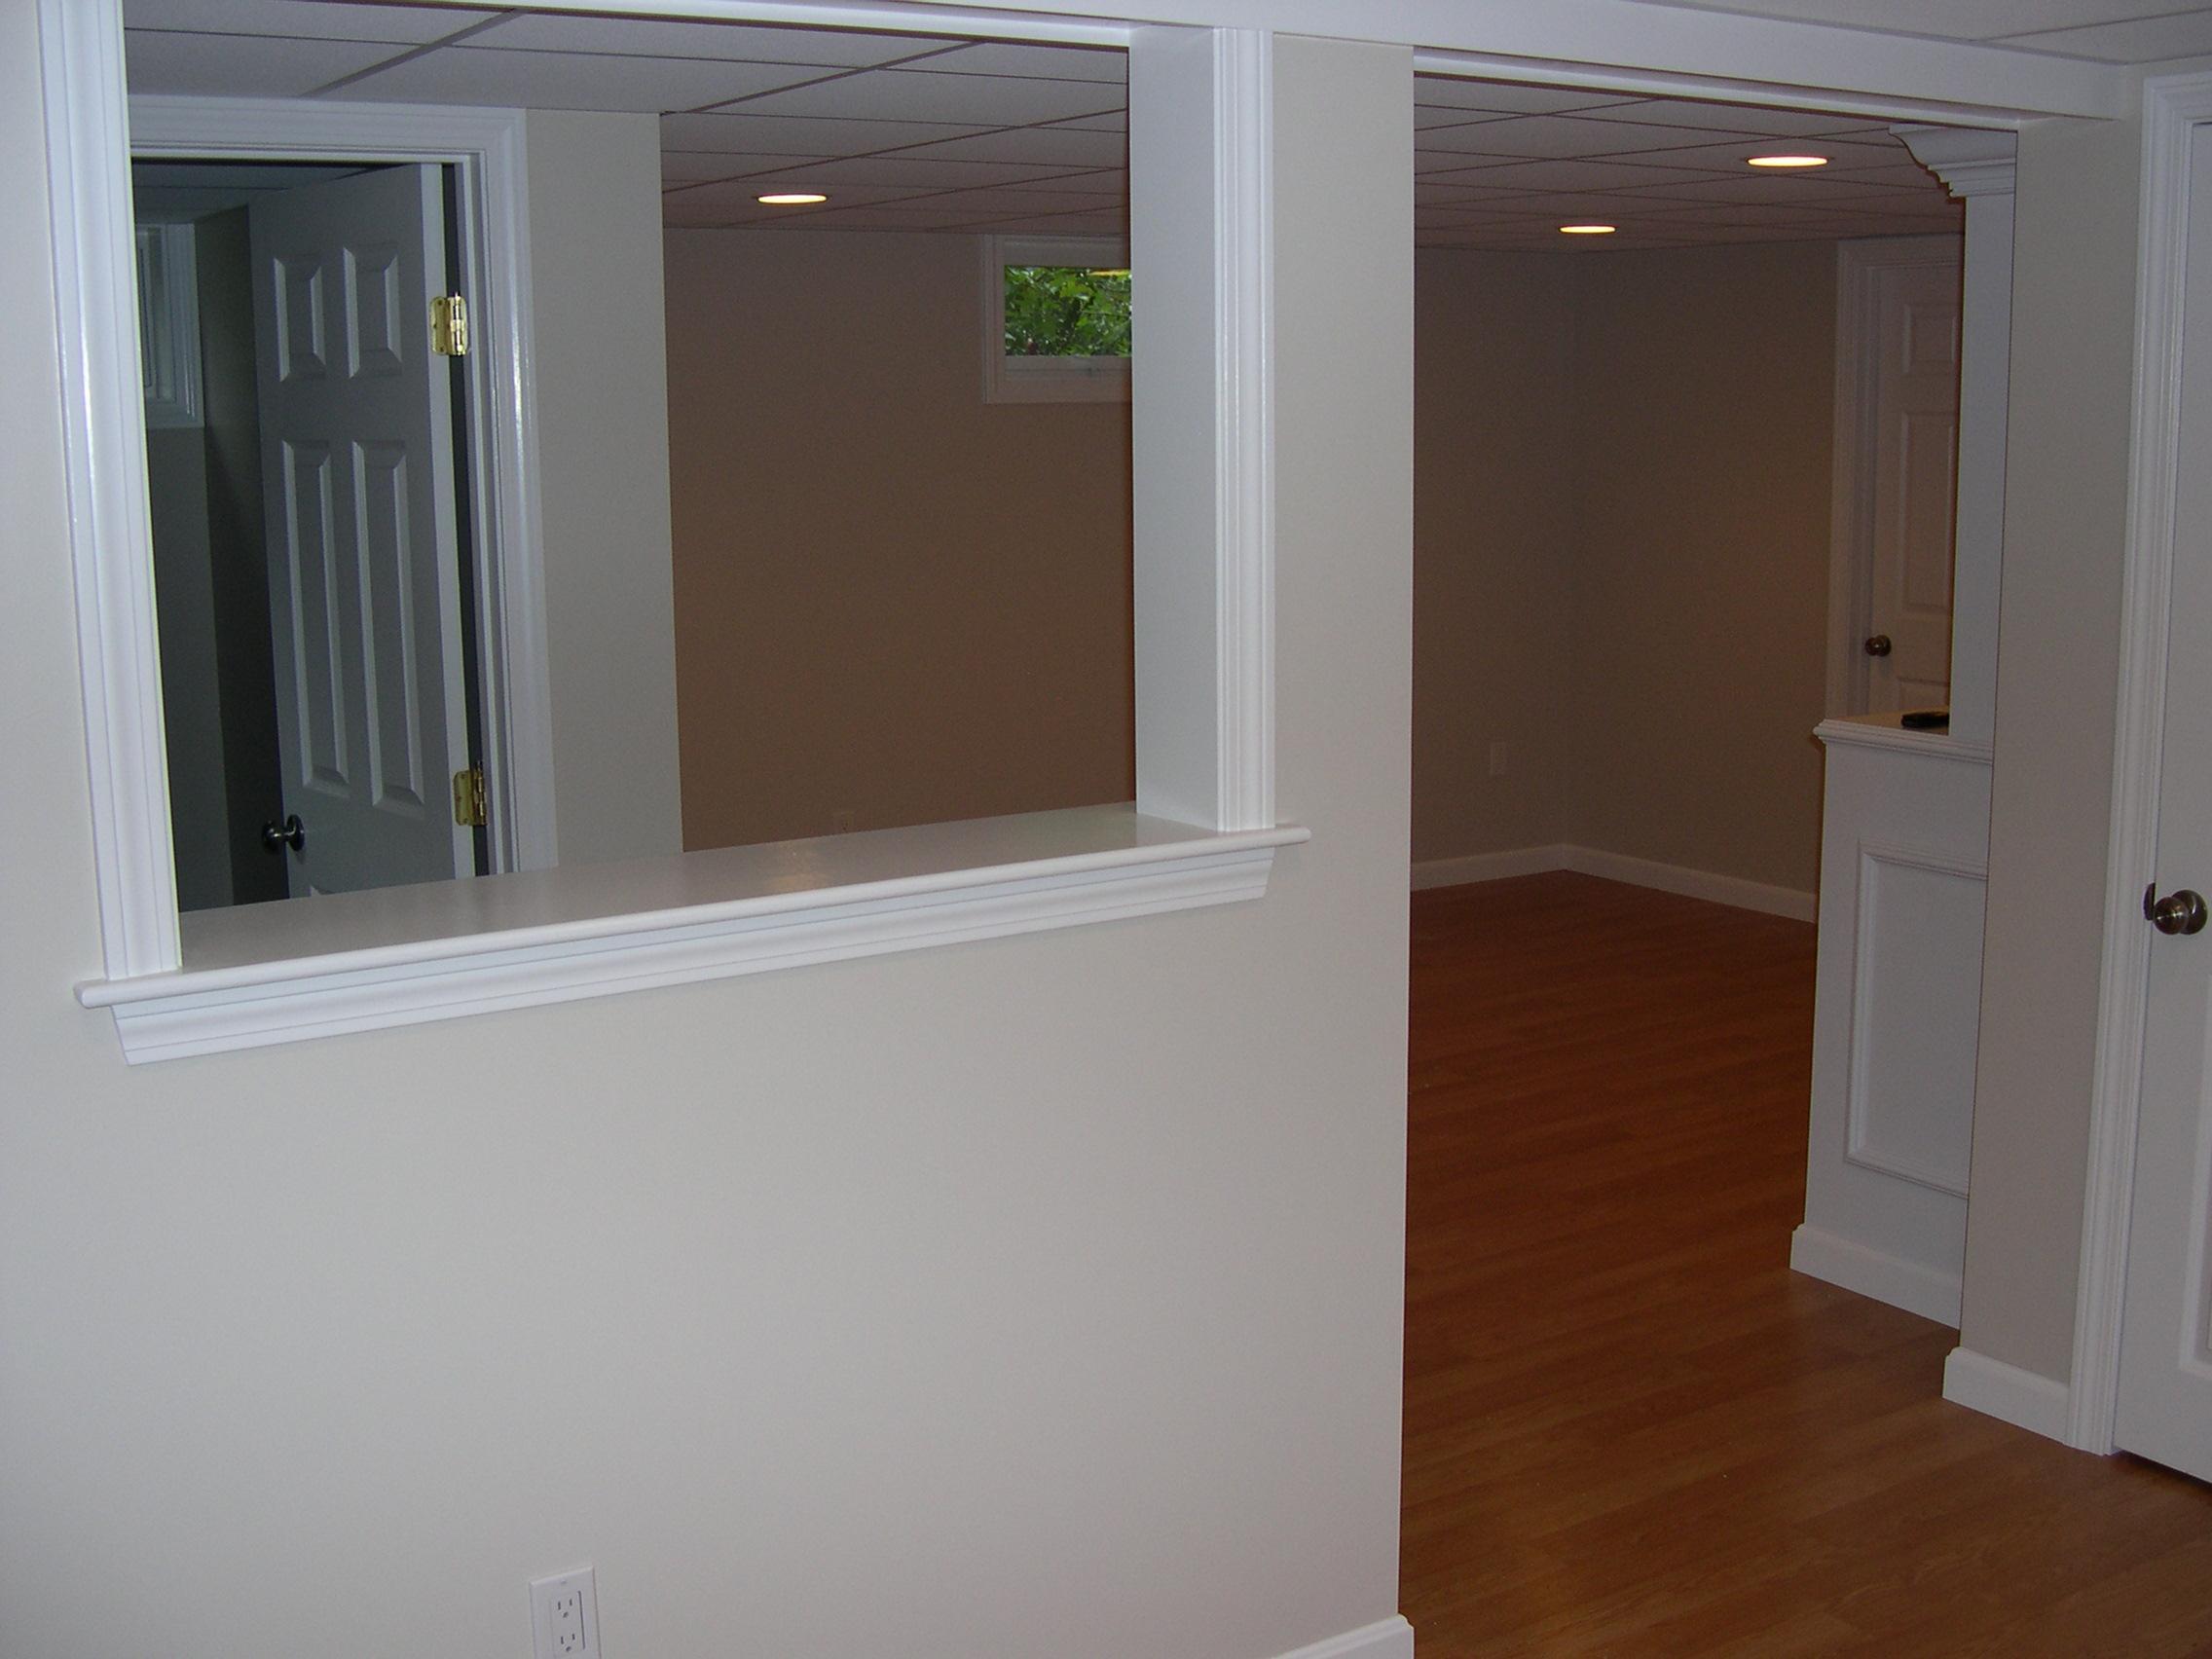 Living area basement concepts for Basement concepts